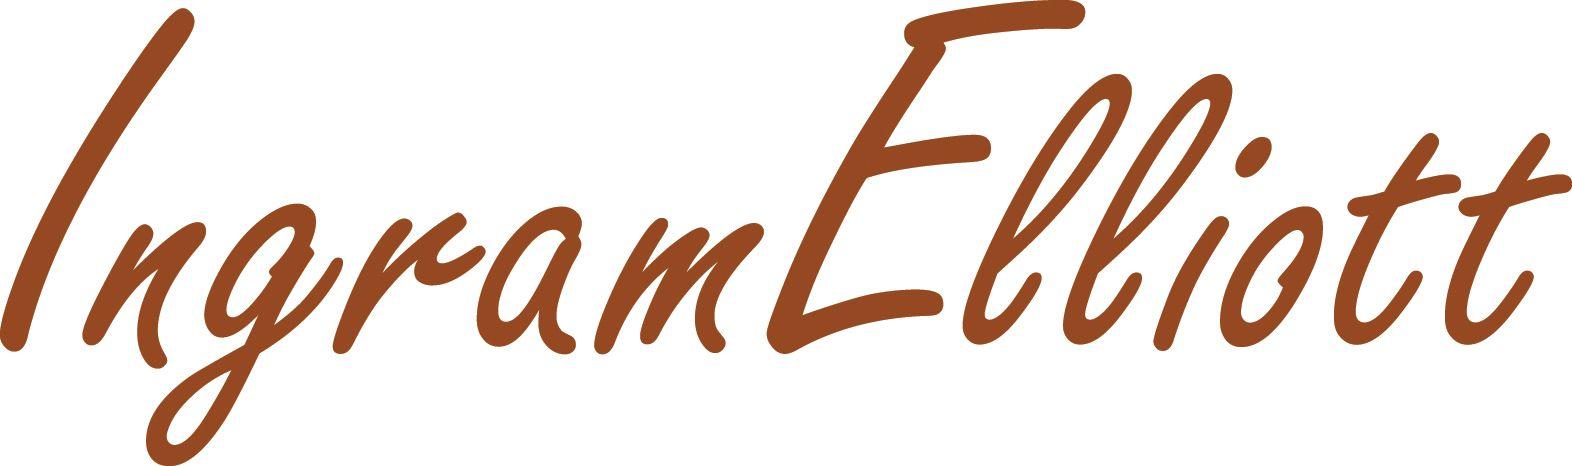 IngramElliott Logo